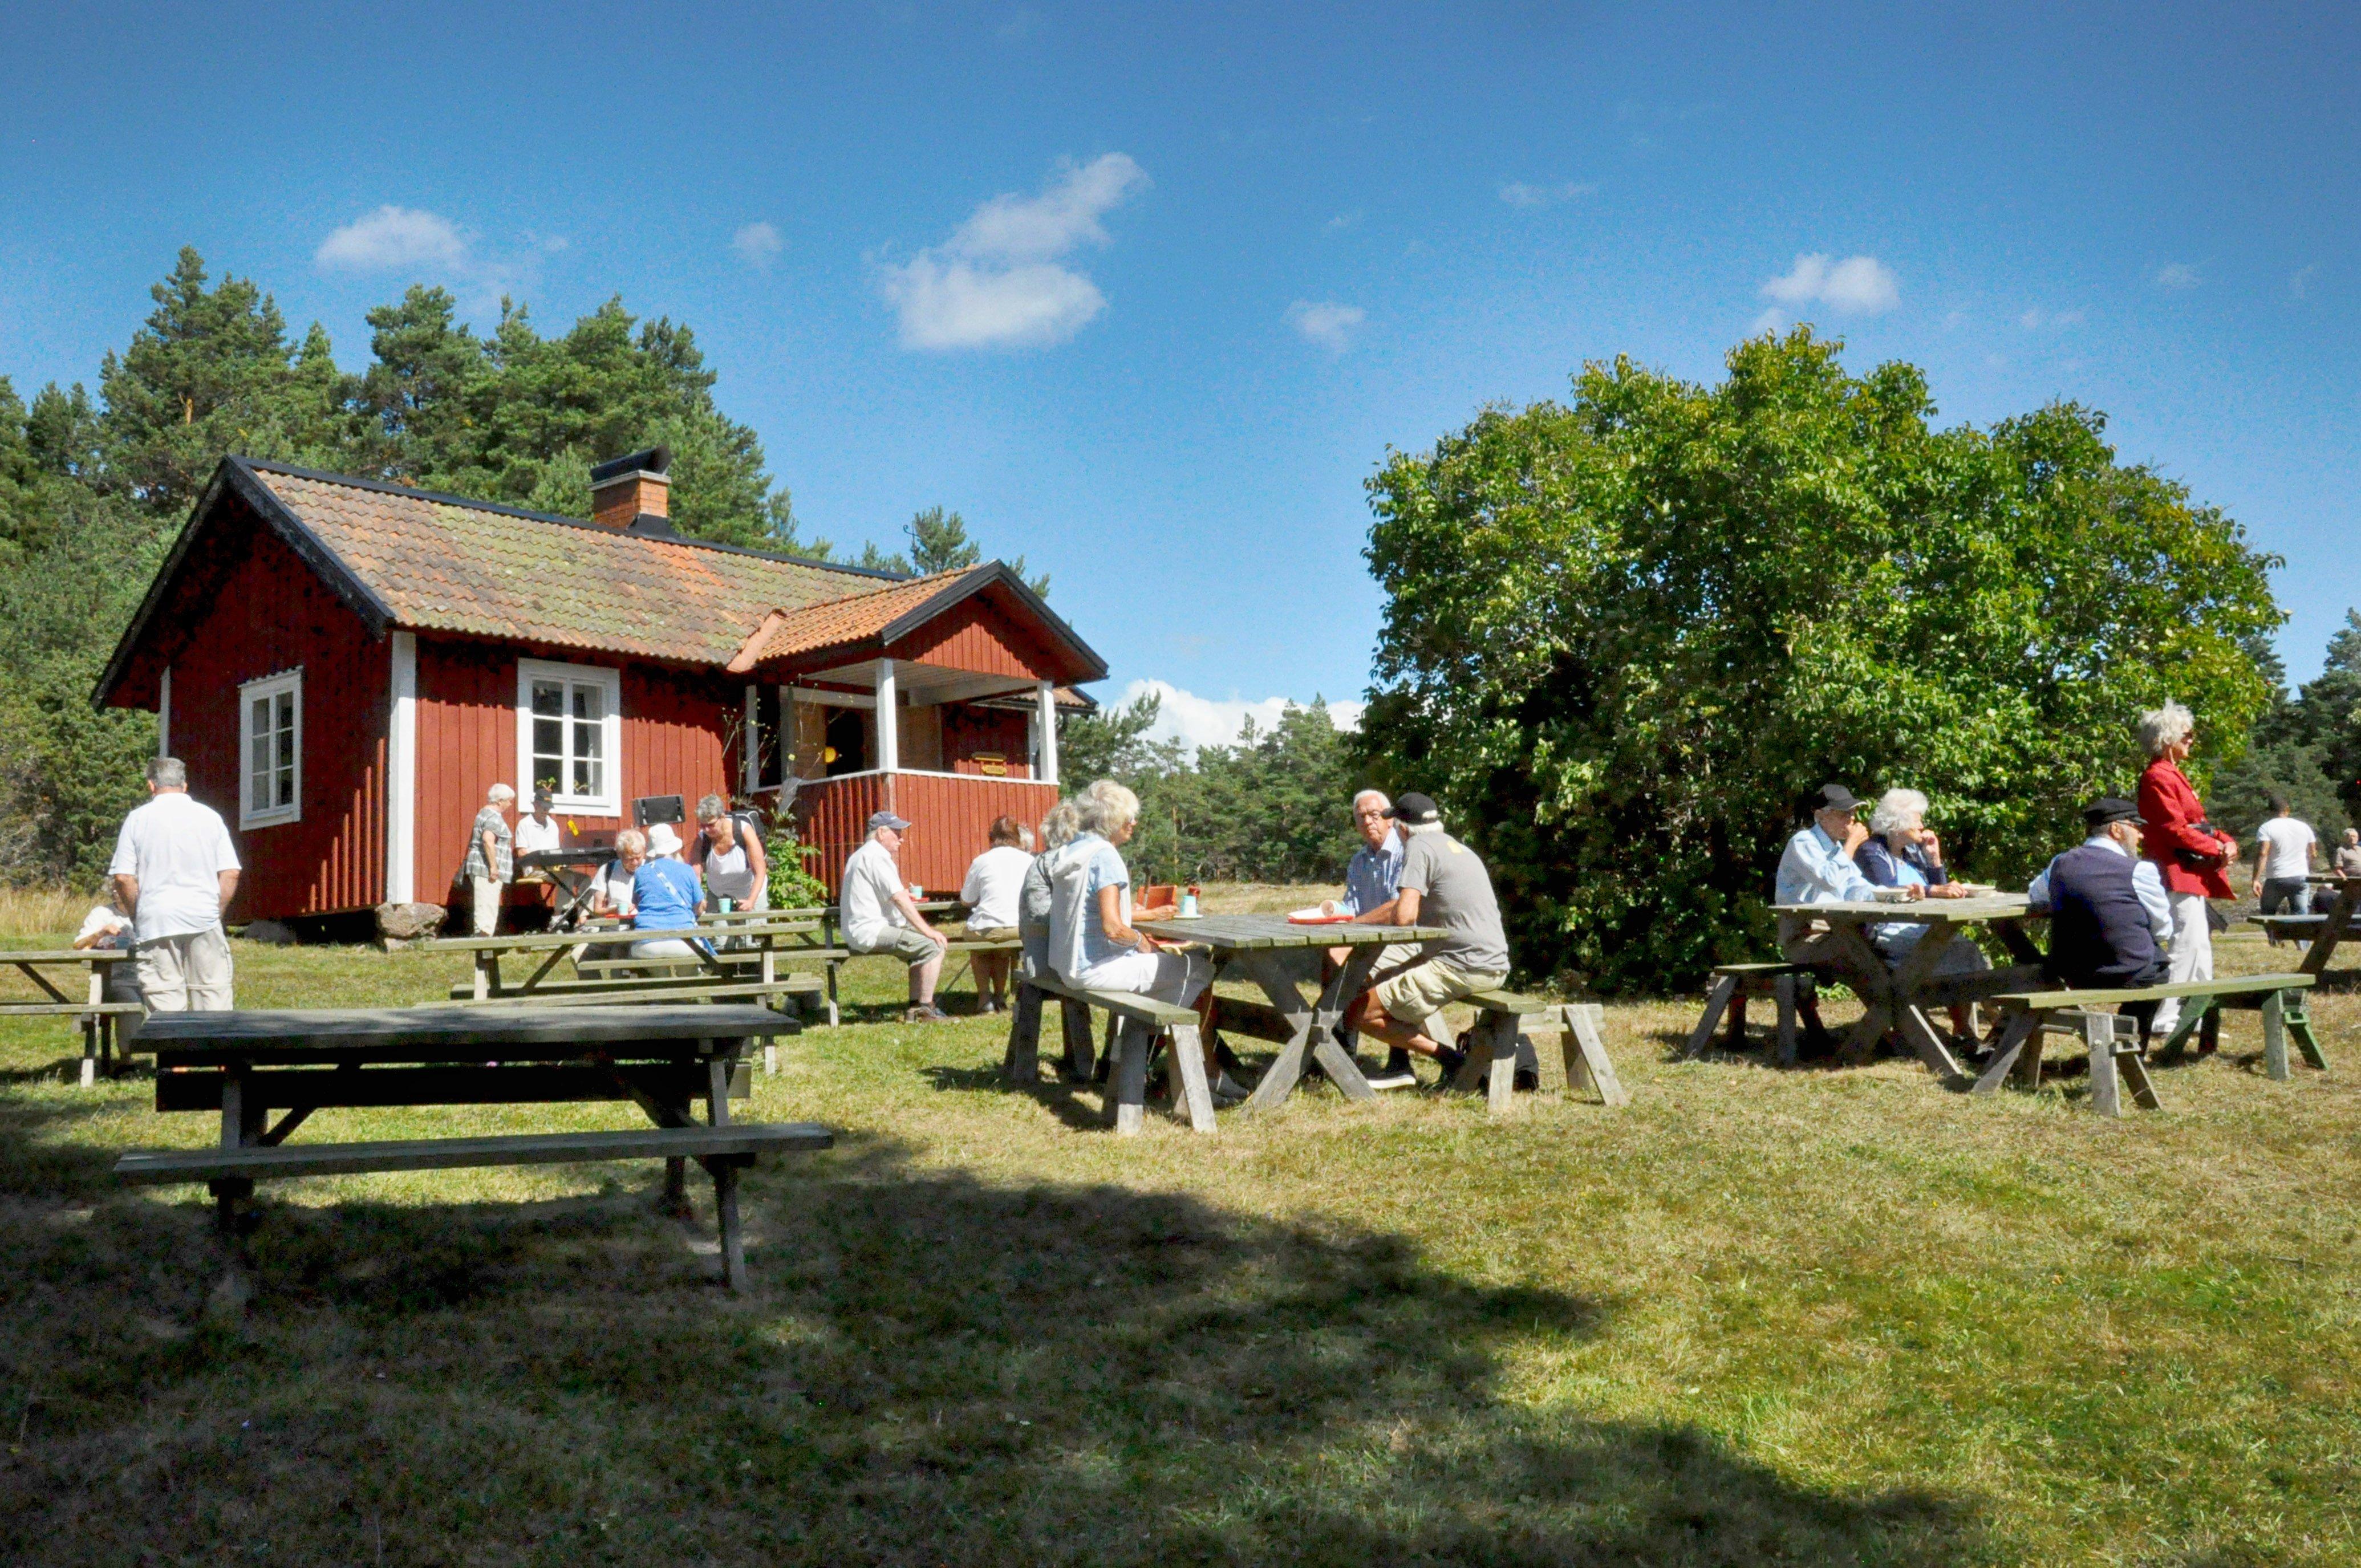 Muskö Hembygdsdag. Foto: Bengt Grönkvist